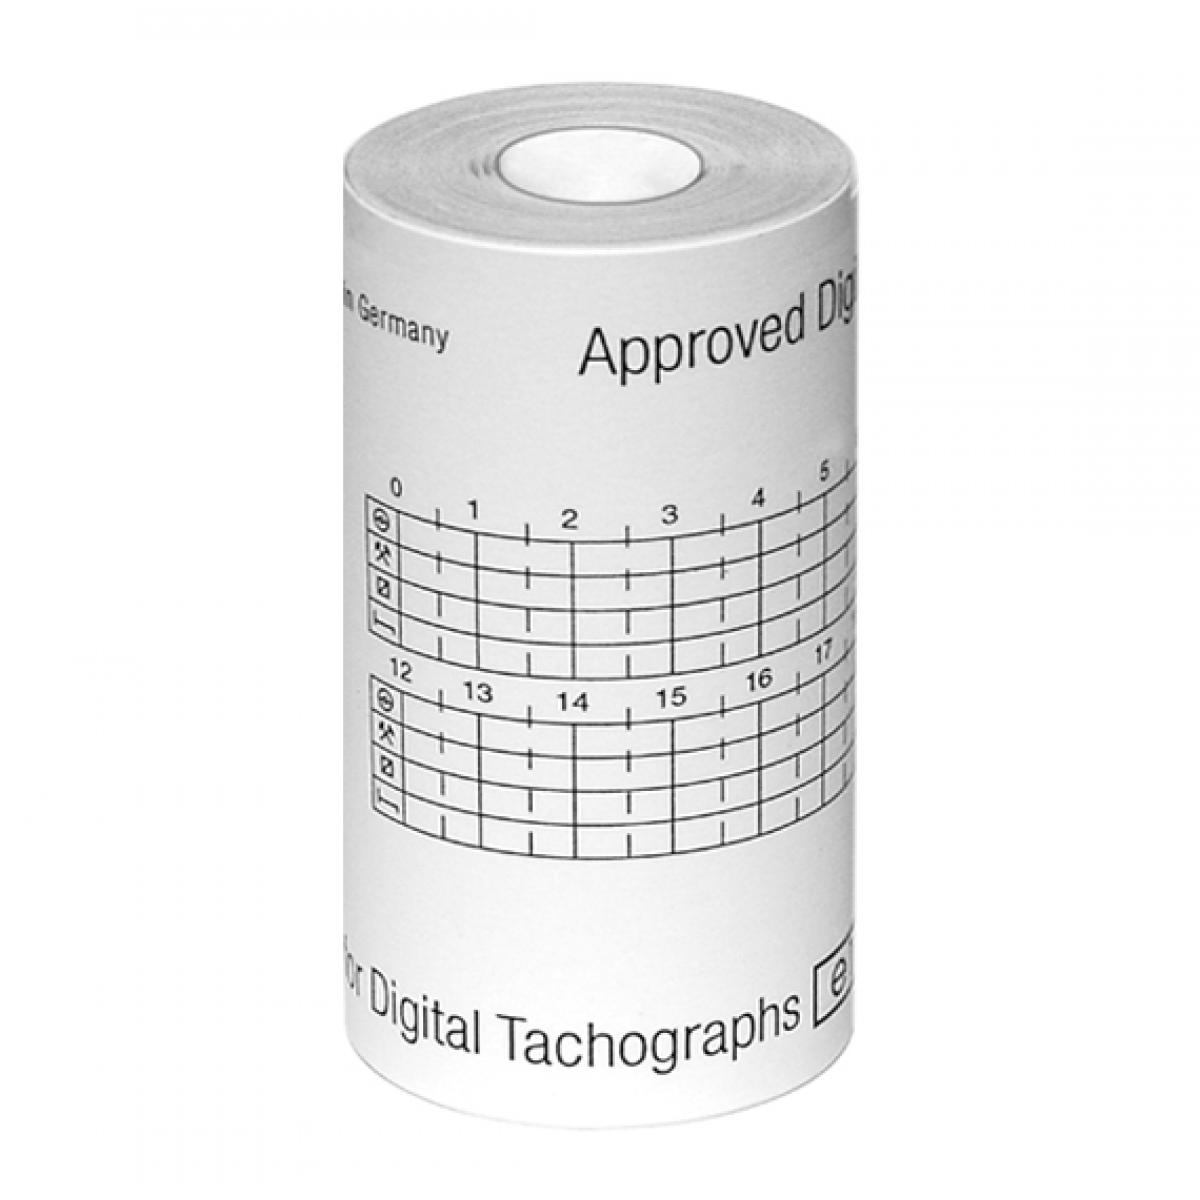 Thermopapier für digitale Fahrtschreiber (3 Rollen)